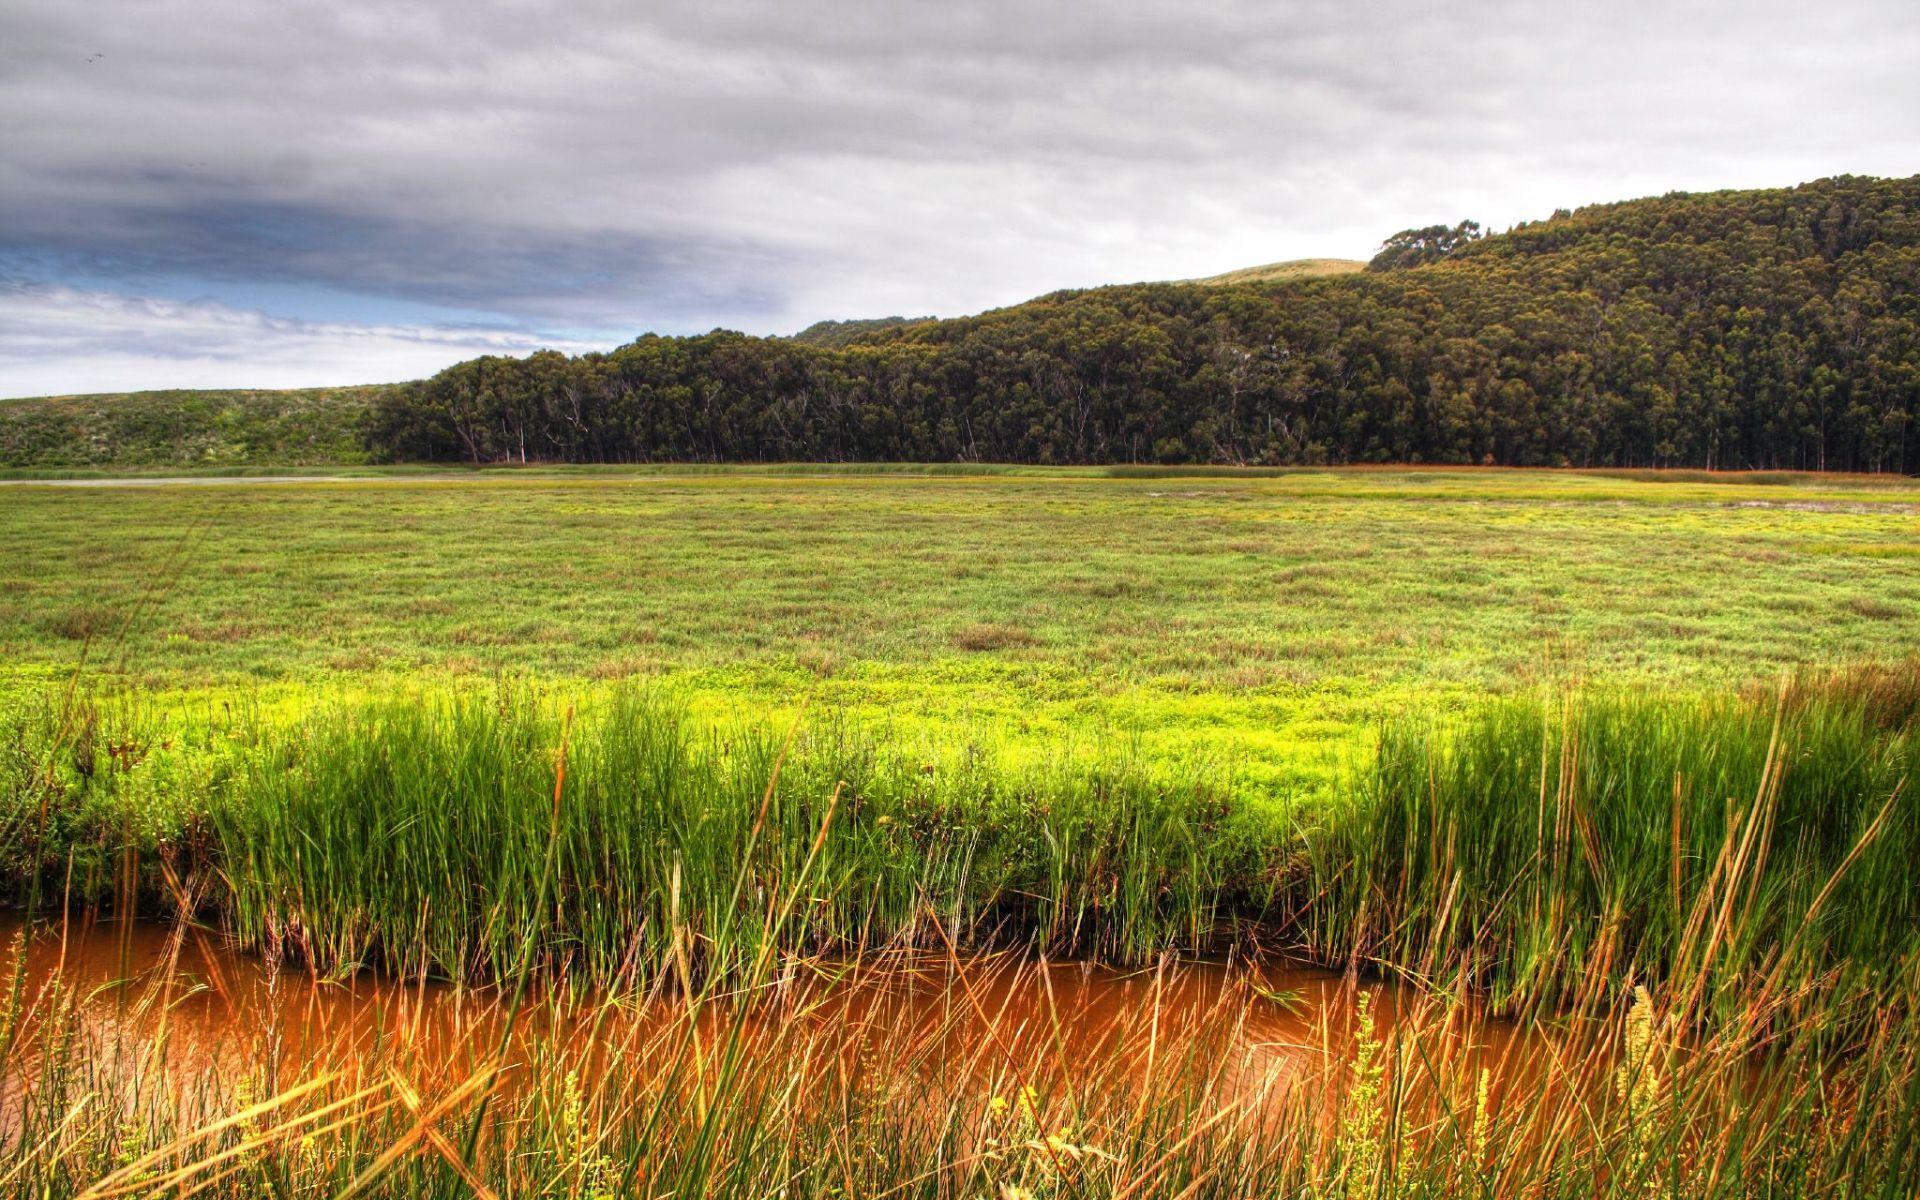 绿色高清大自然风景图片桌面壁纸